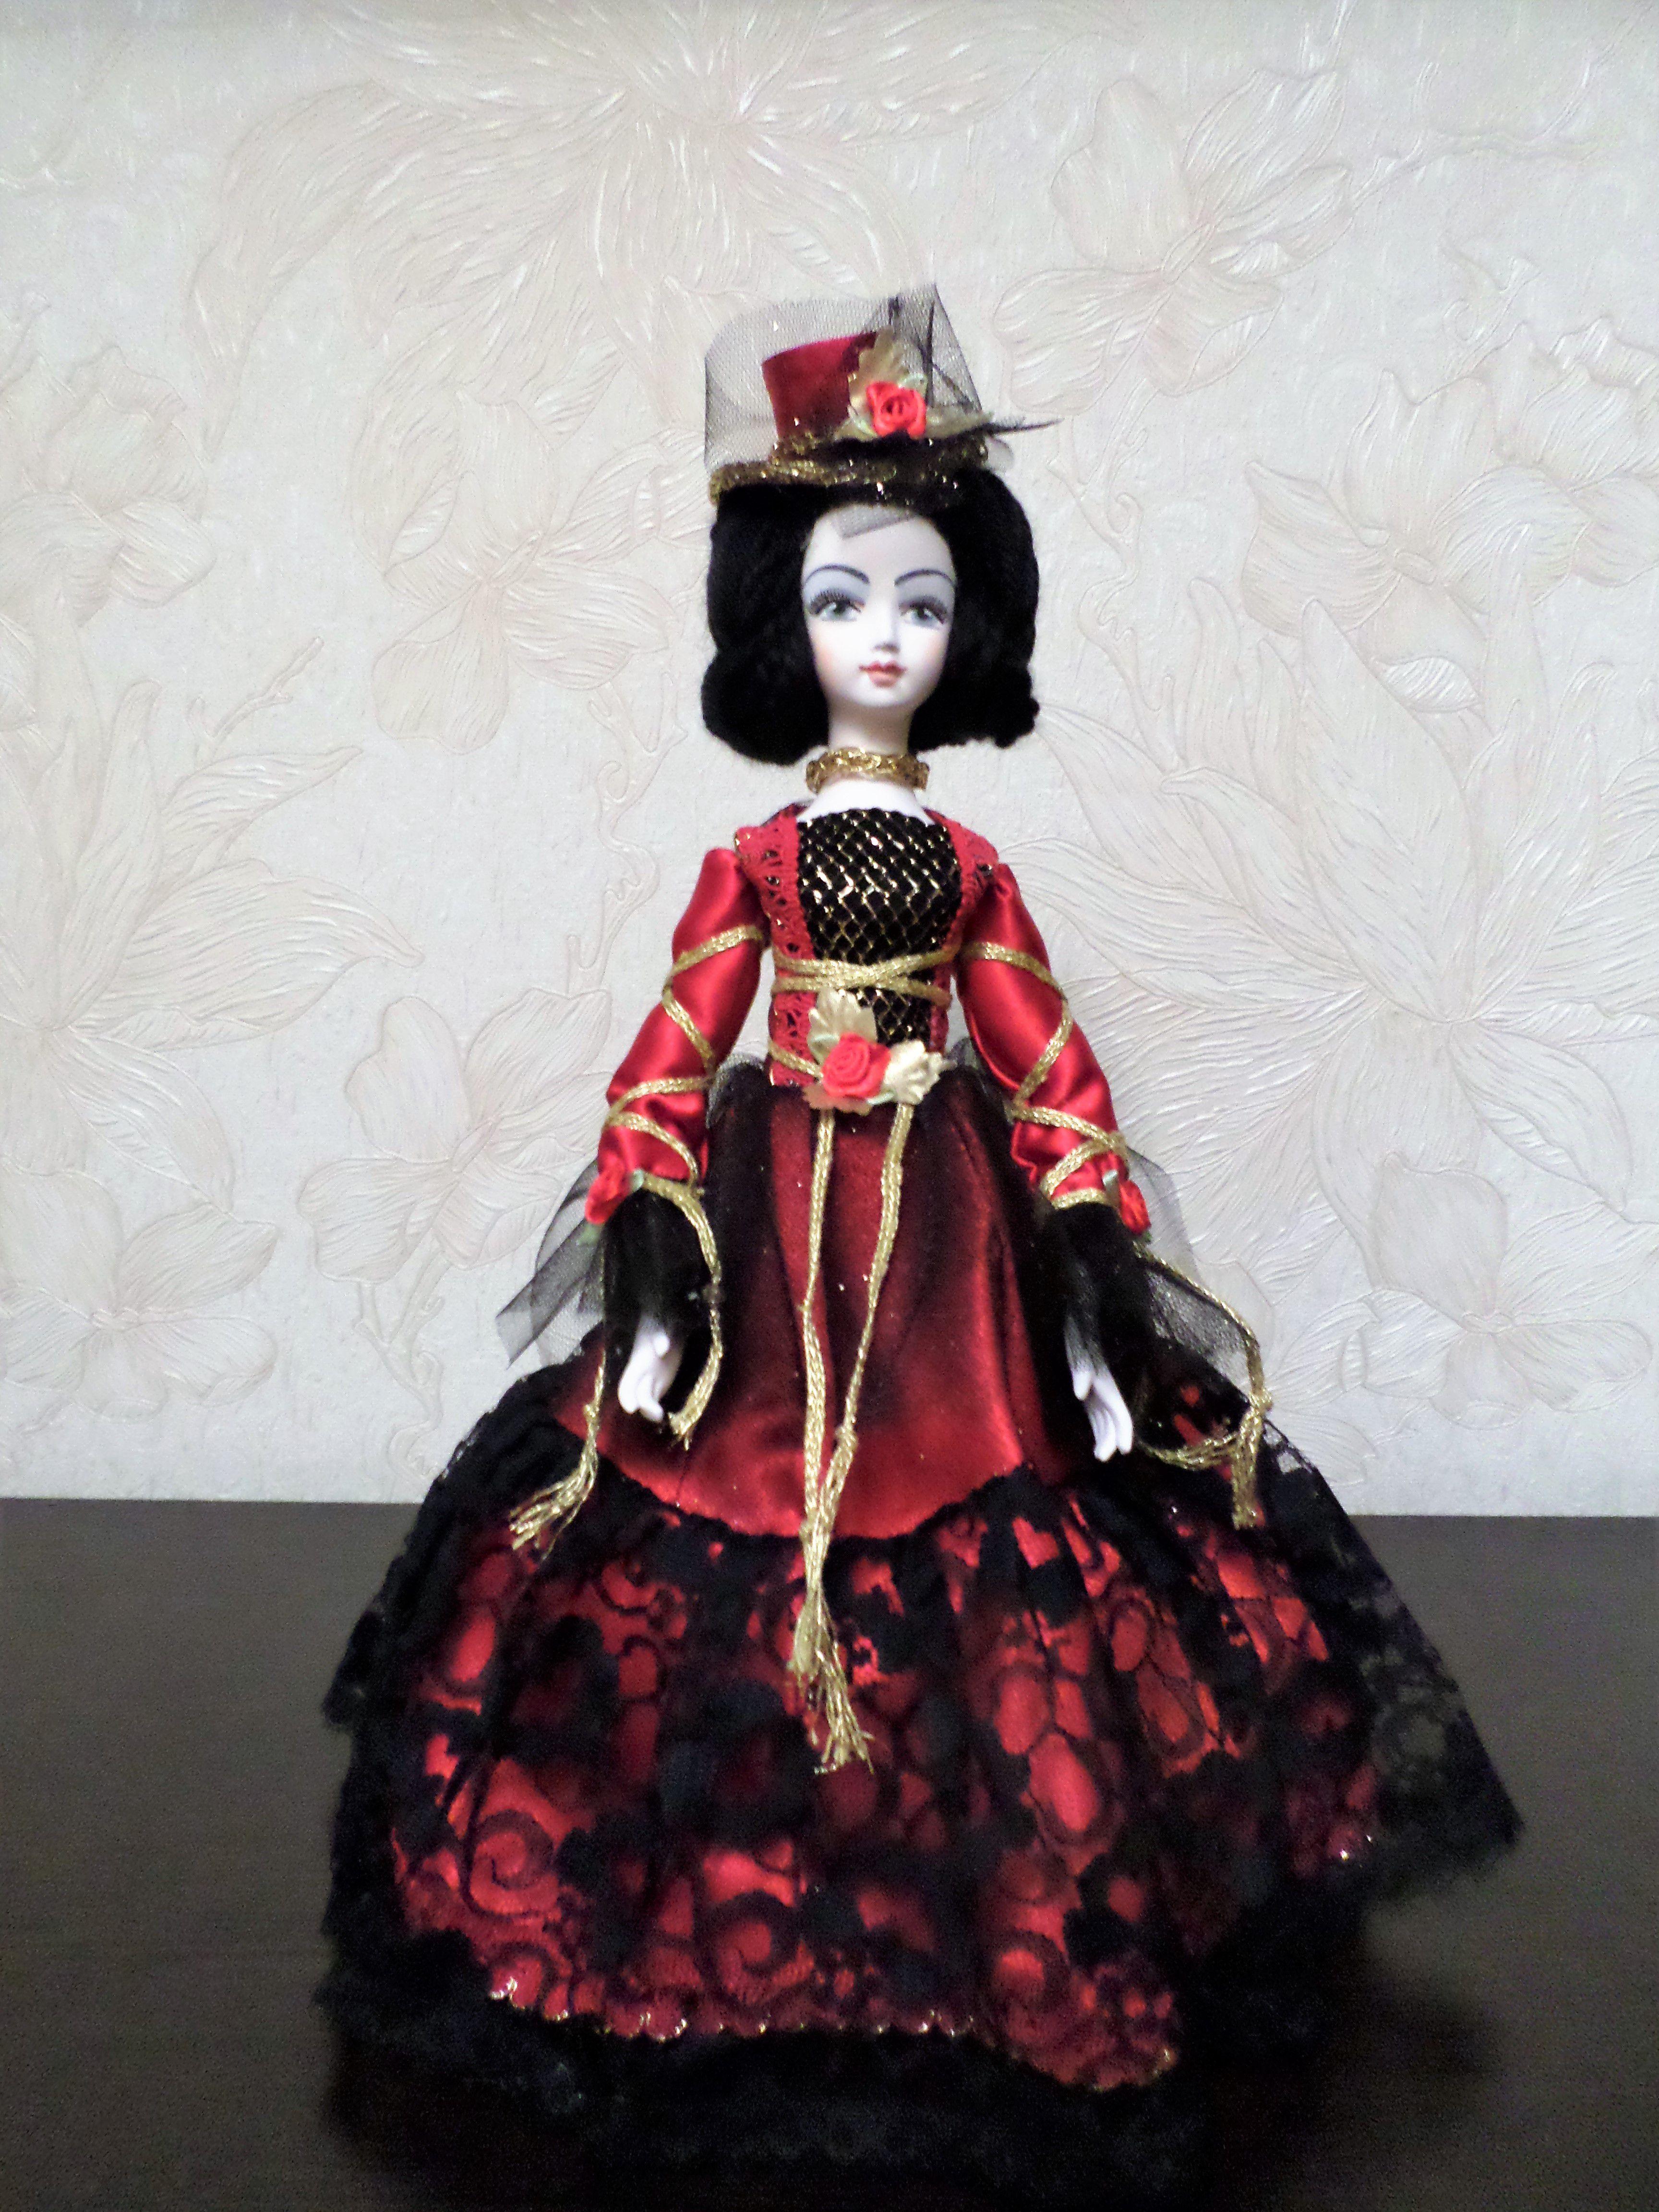 интерьерная женщине подарок кукла подарка для праздник интерьер шкатулка девушке любой упаковка